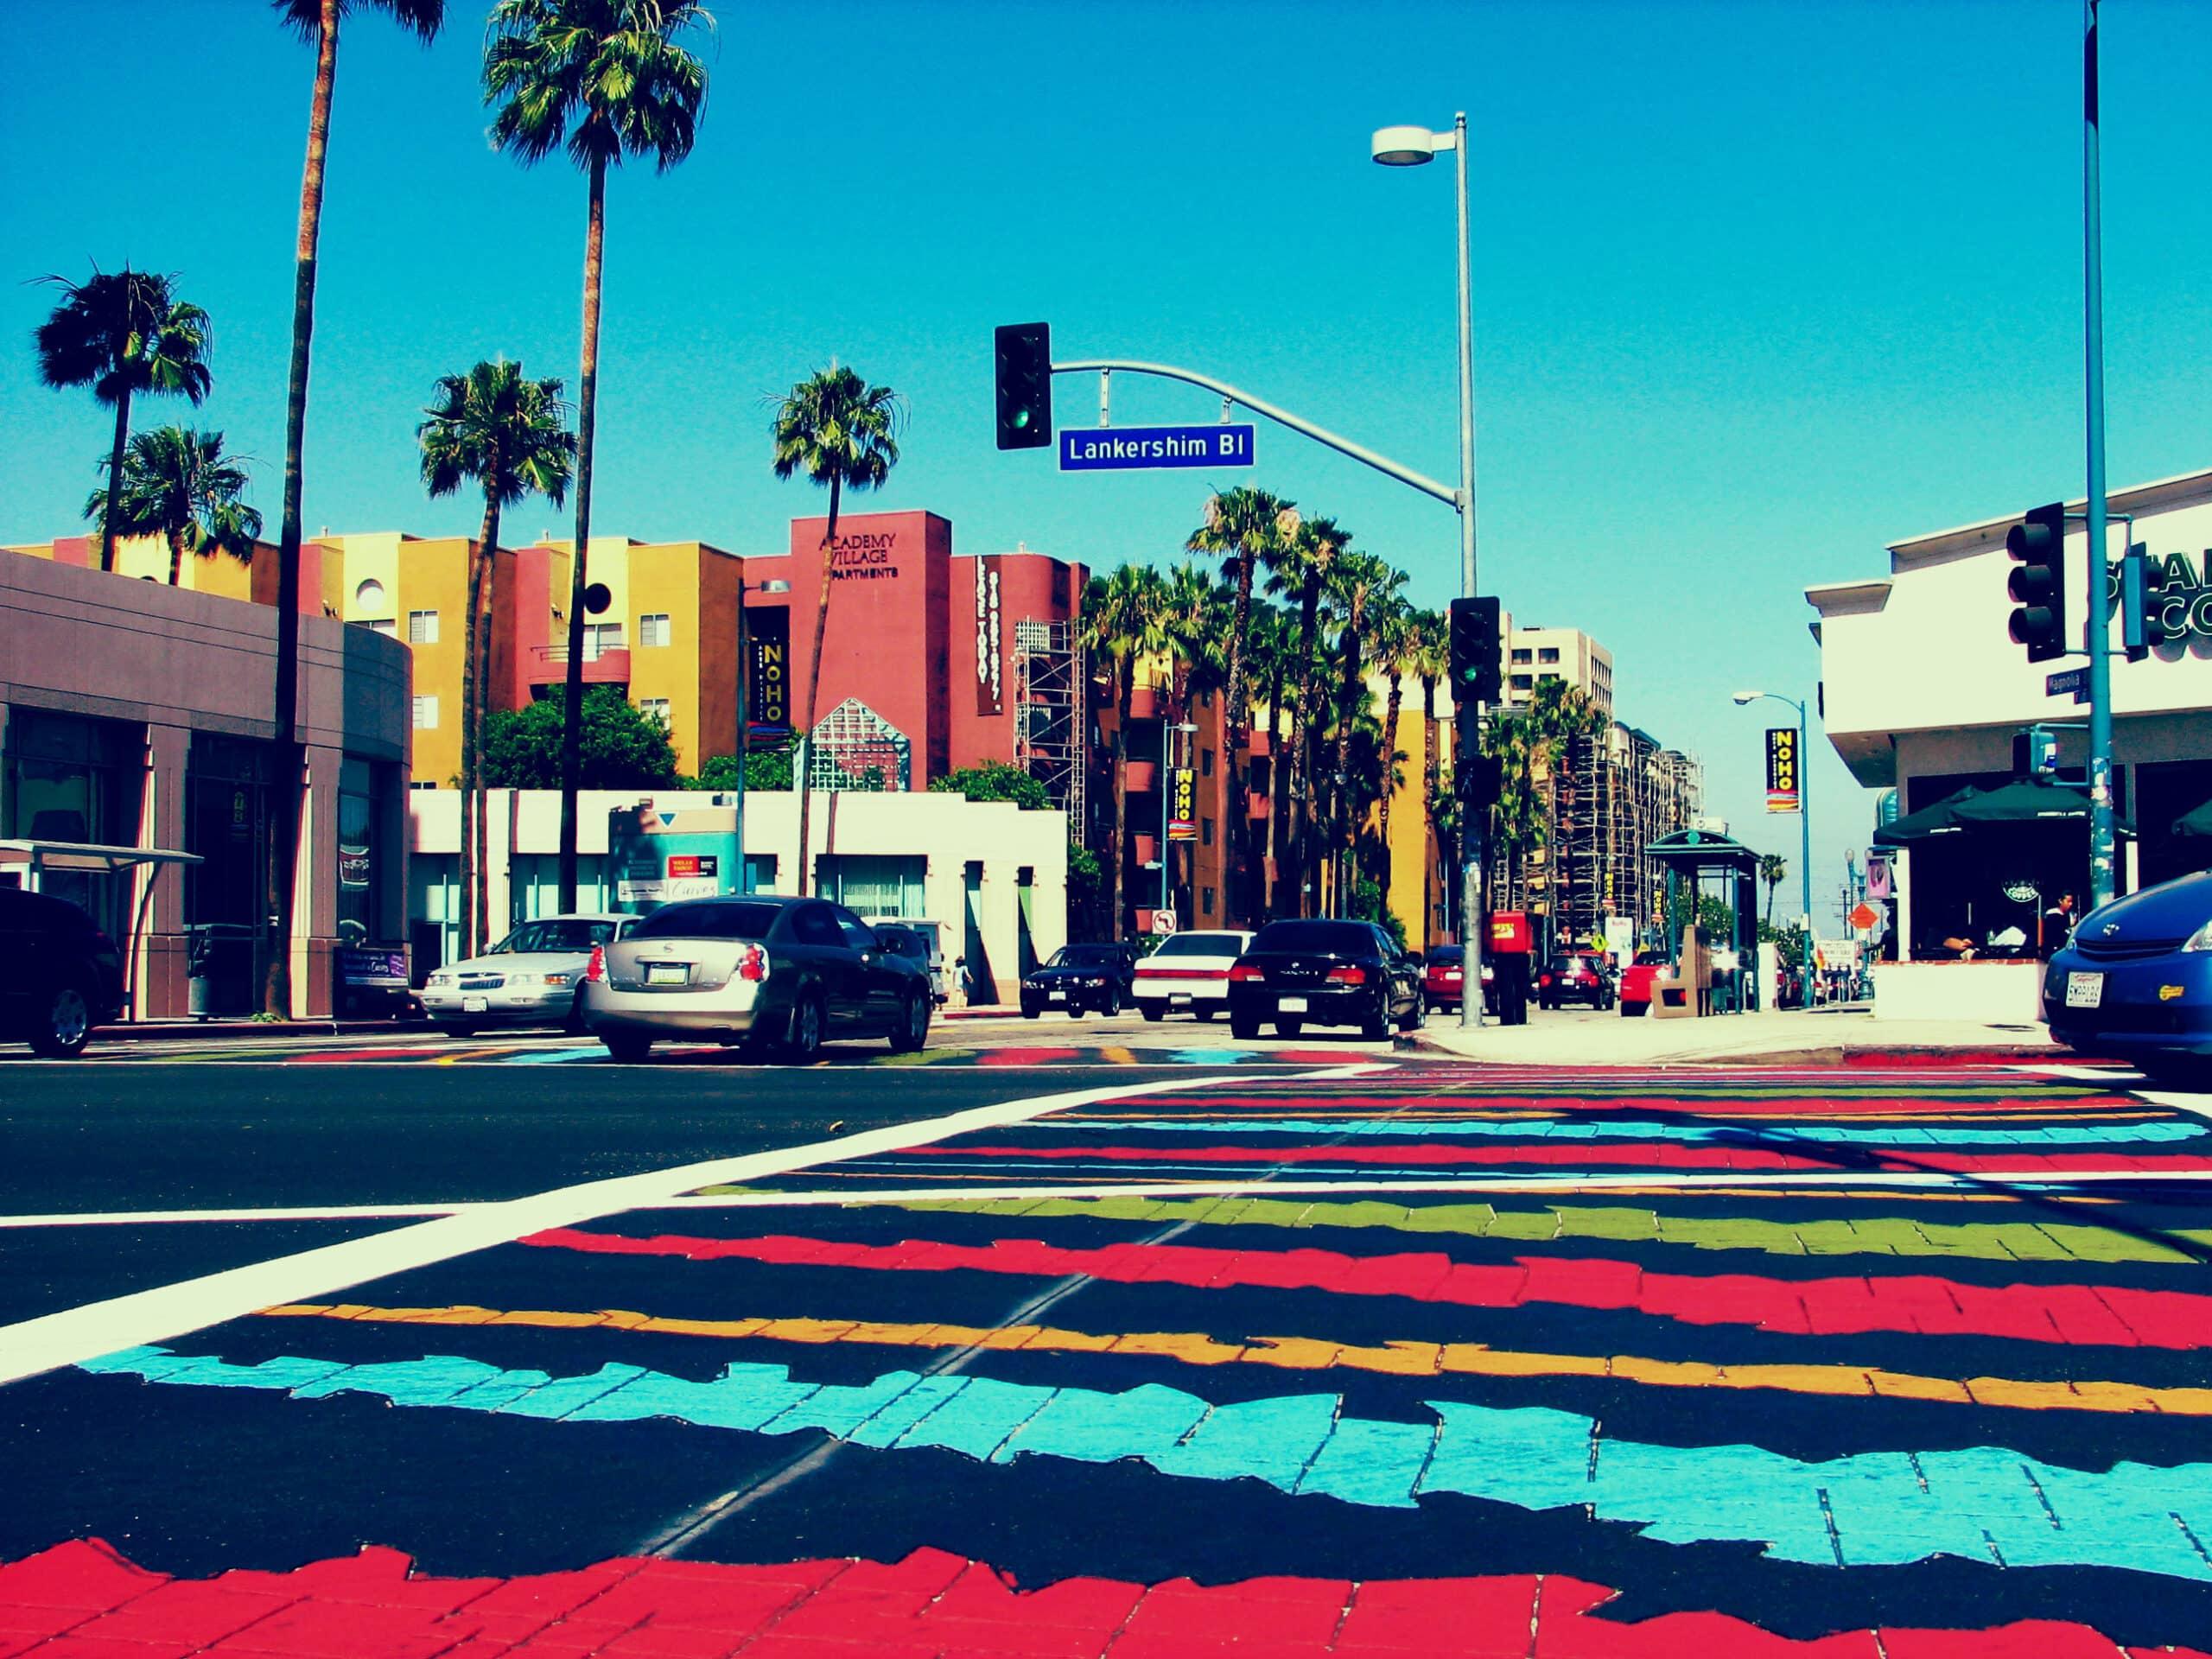 улица норт голливуд фото что своих